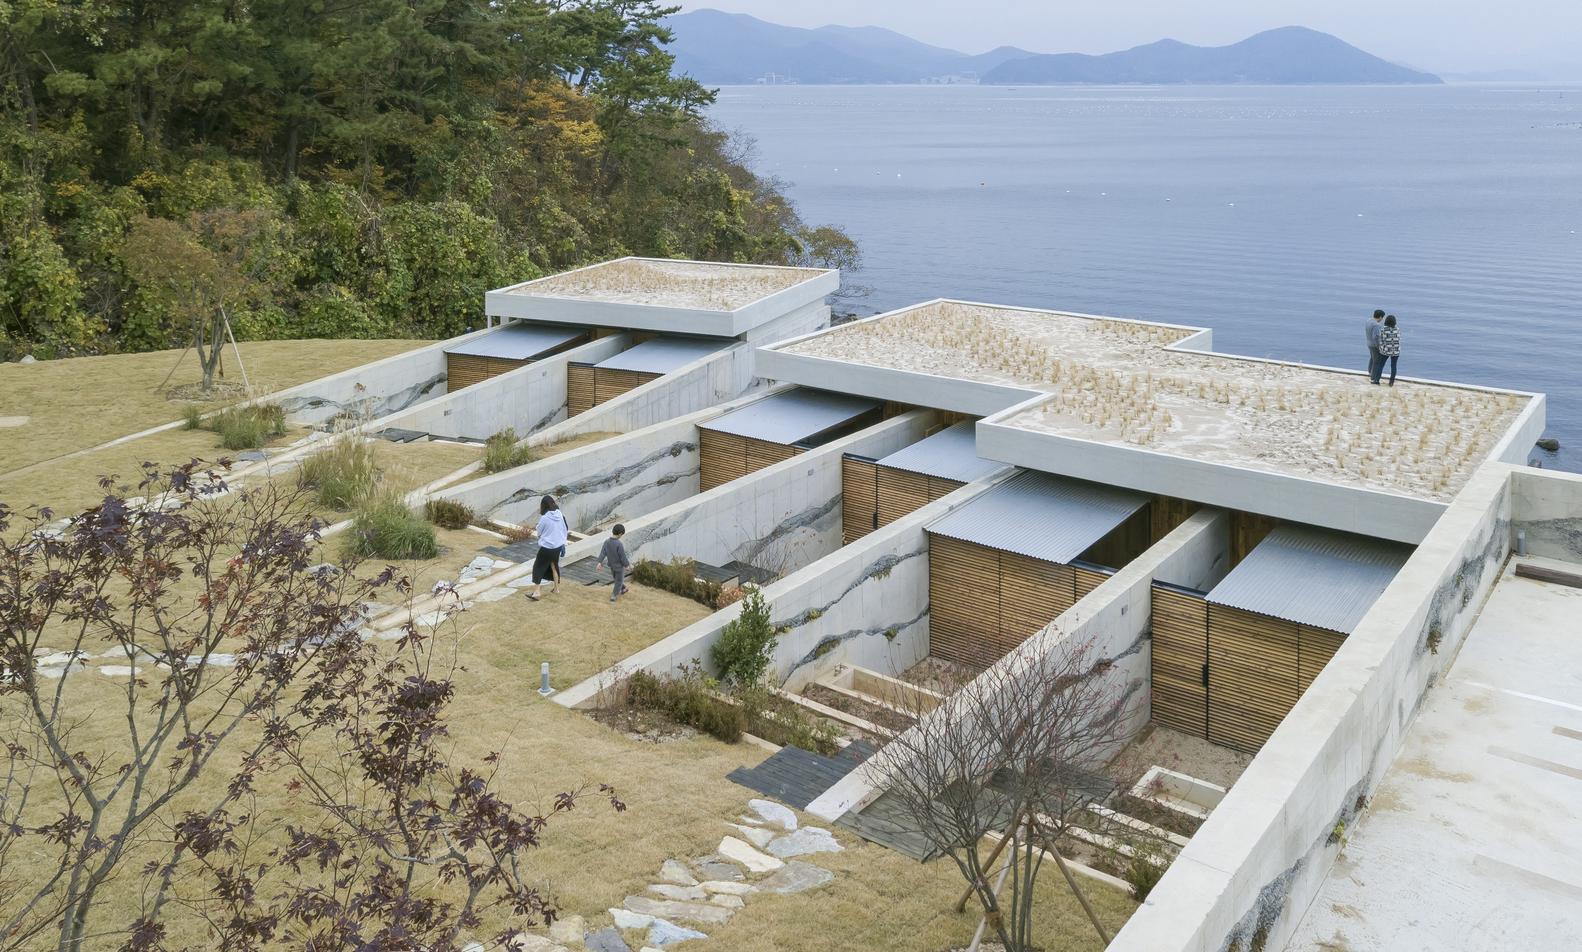 Hình ảnh toàn cảnh phần mái của nhà nghỉ dưỡng ven biển